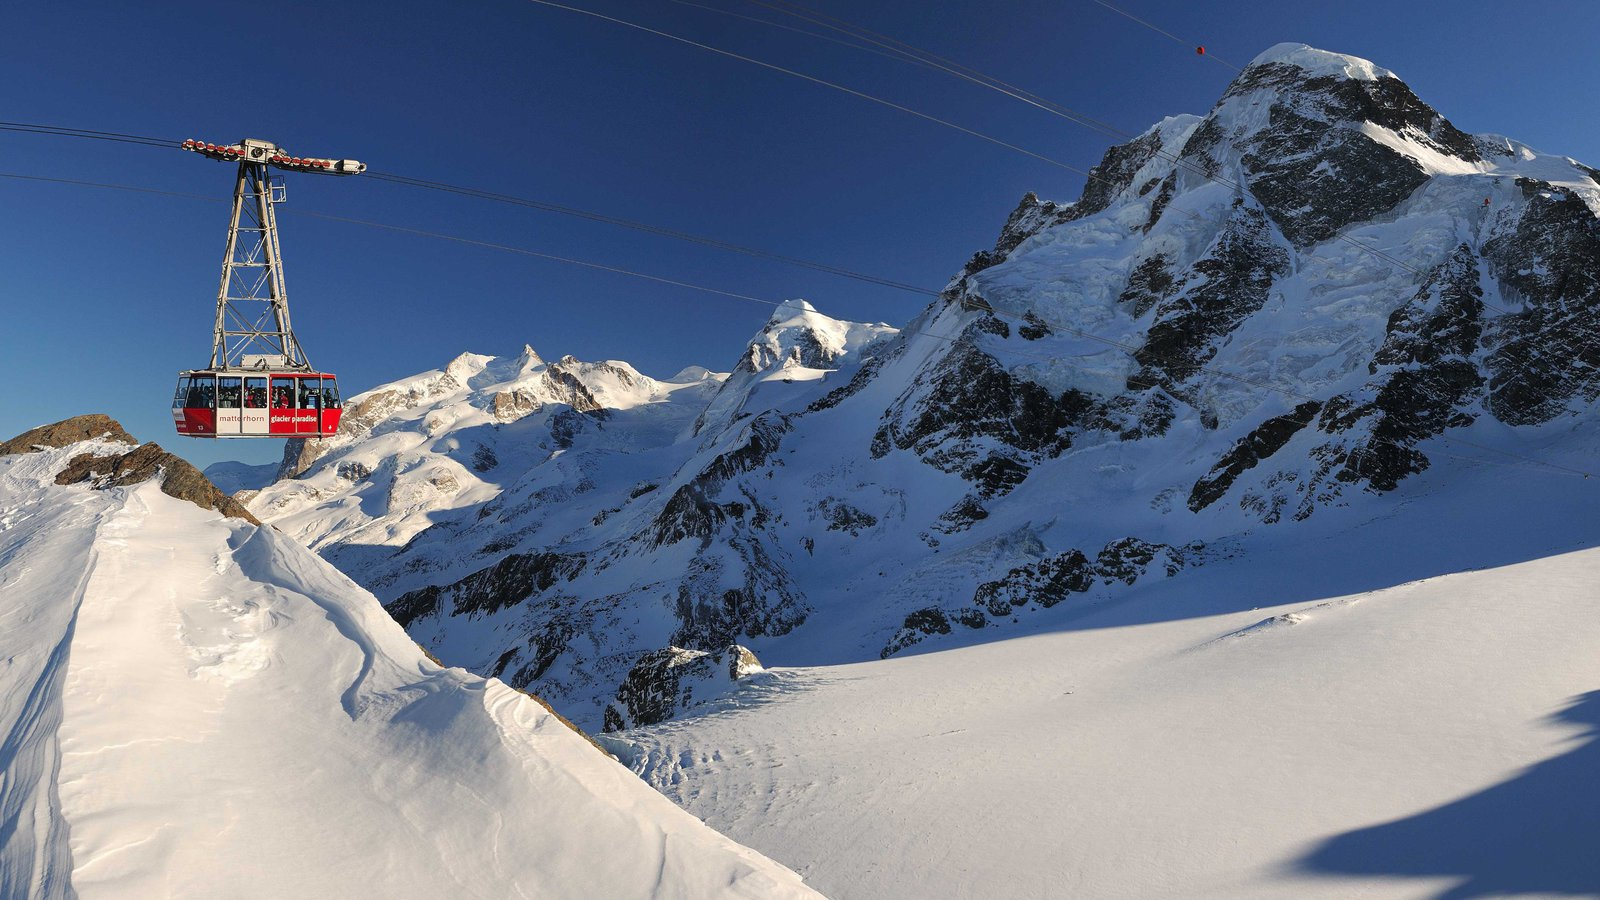 Matterhorn mostrando una góndola, nieve y montañas